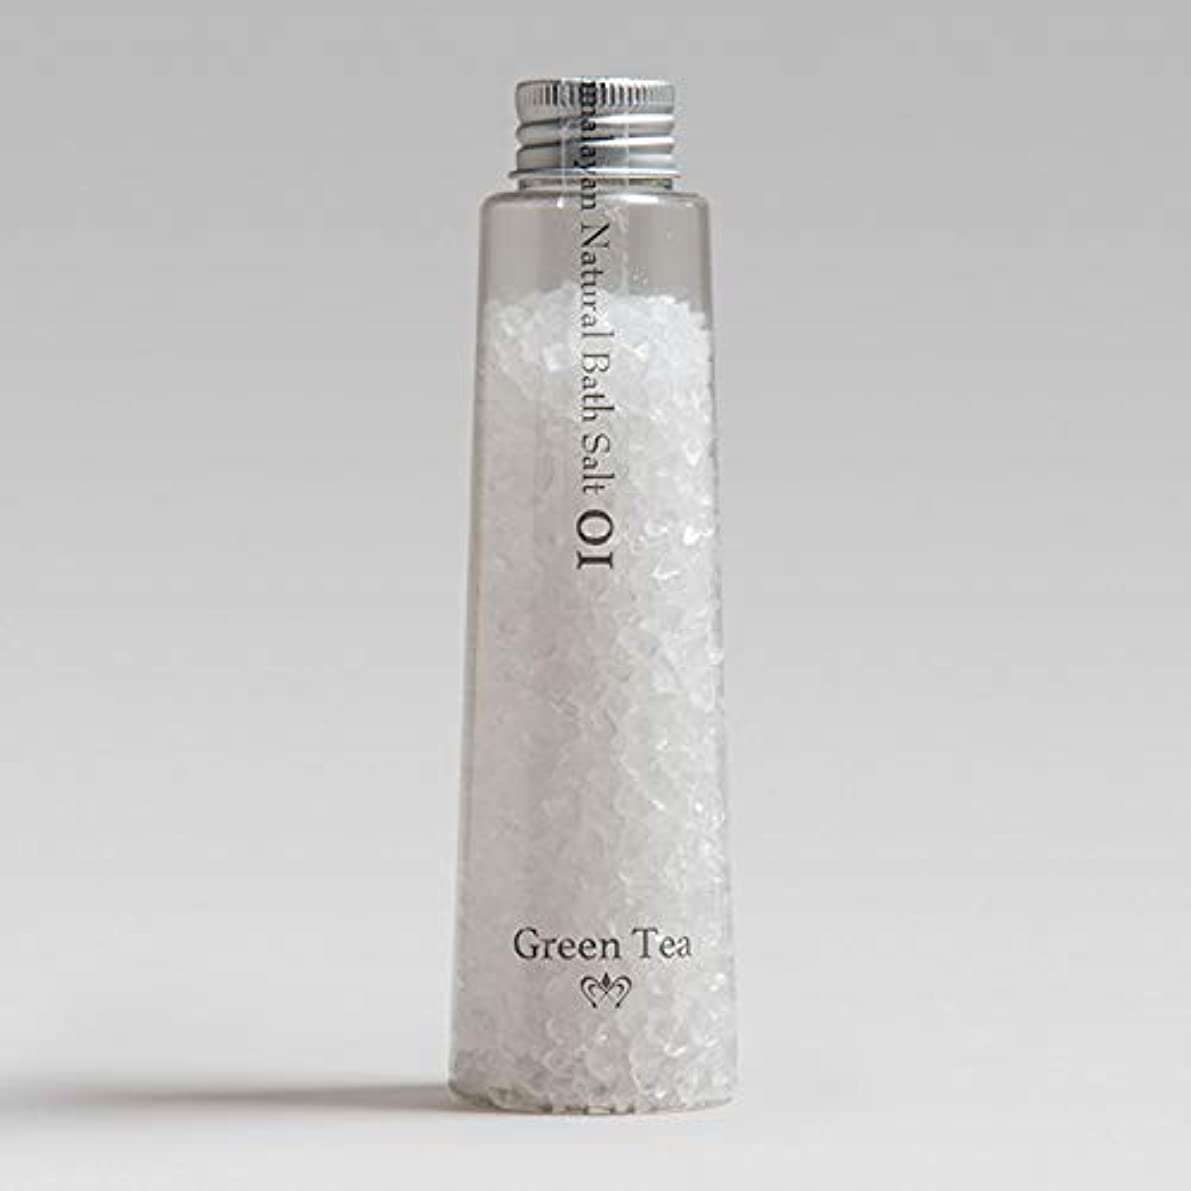 コンパクト裂け目バターROSEBAY アロマバスソルト ボトルタイプ170g グリーンティー